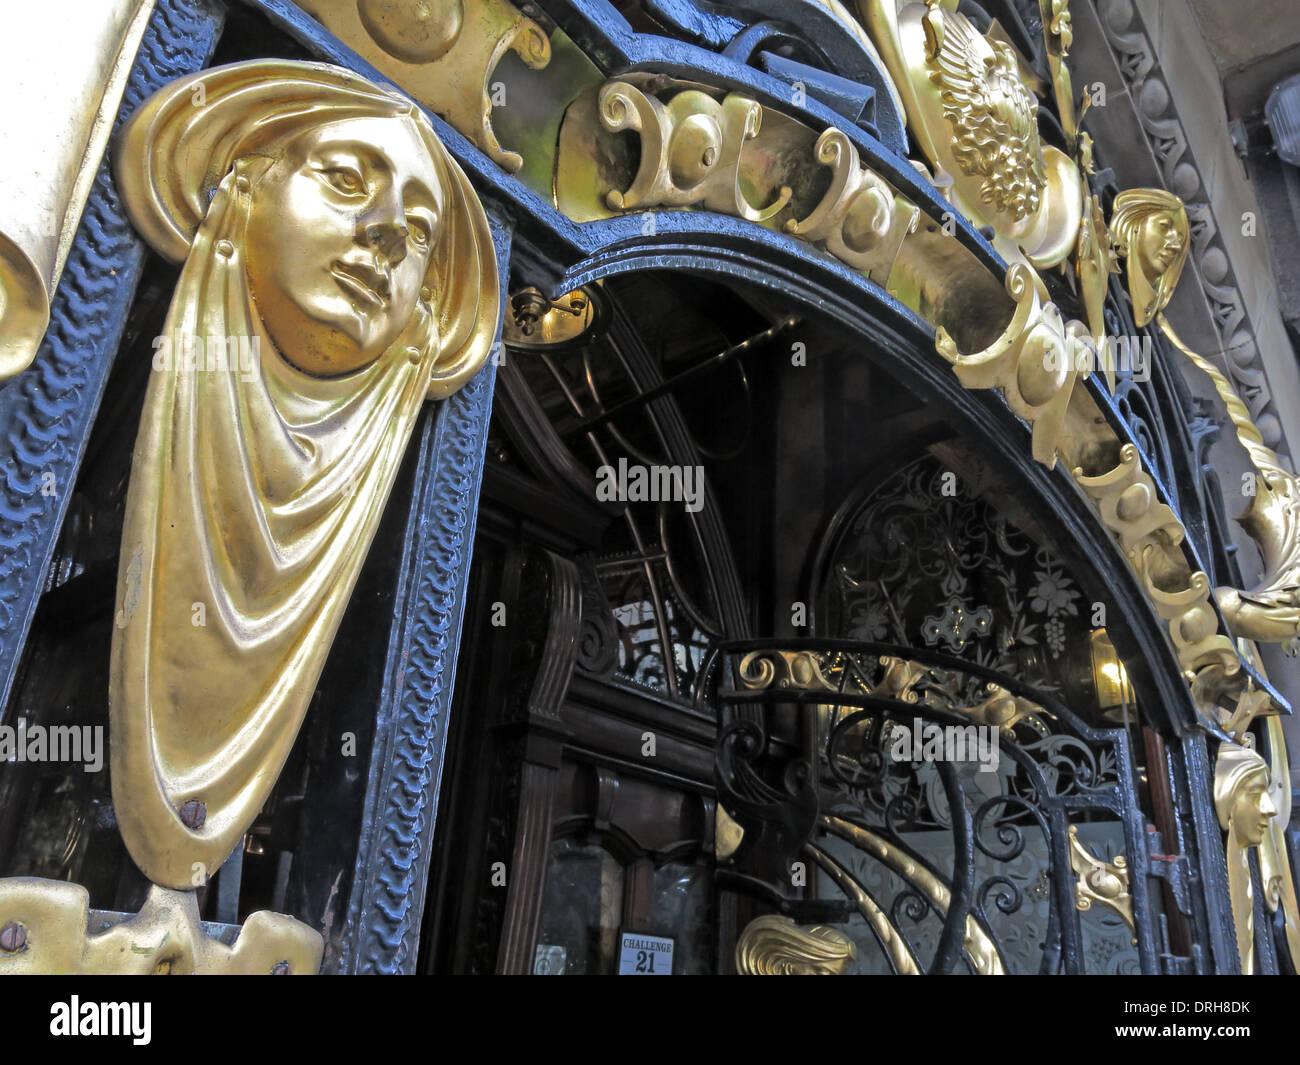 Laden Sie dieses Alamy Stockfoto Reich verzierte gold Eingang die Philharmoniker Speisesäle im Hope St, Liverpool, England UK - DRH8DK